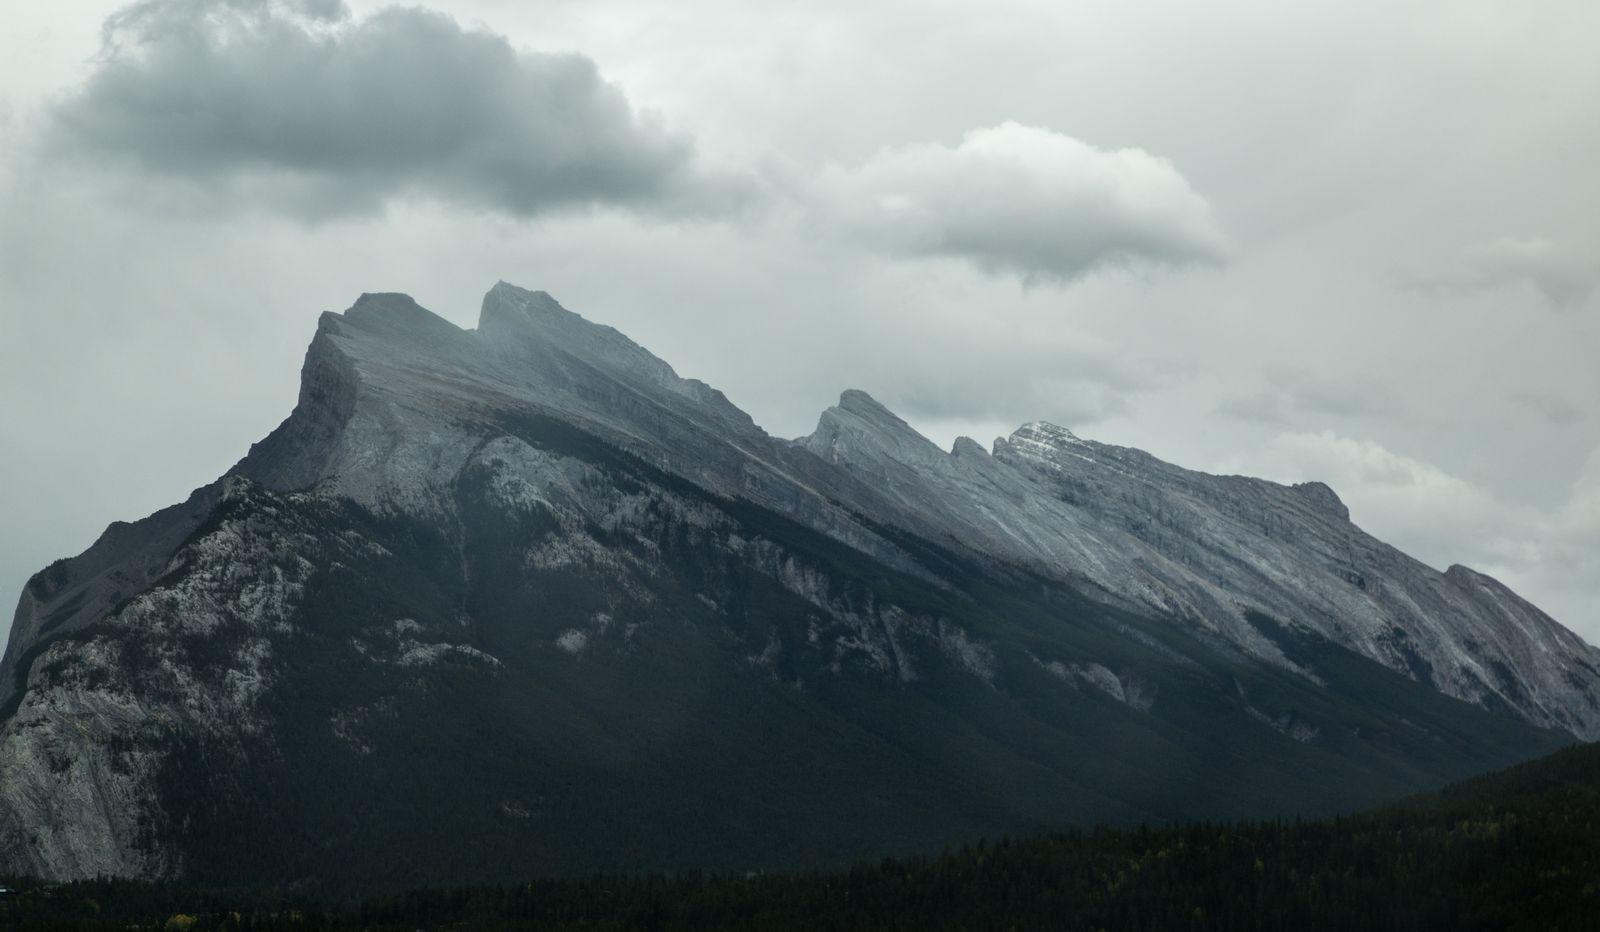 Mount Rundle desde el acceso a Banff